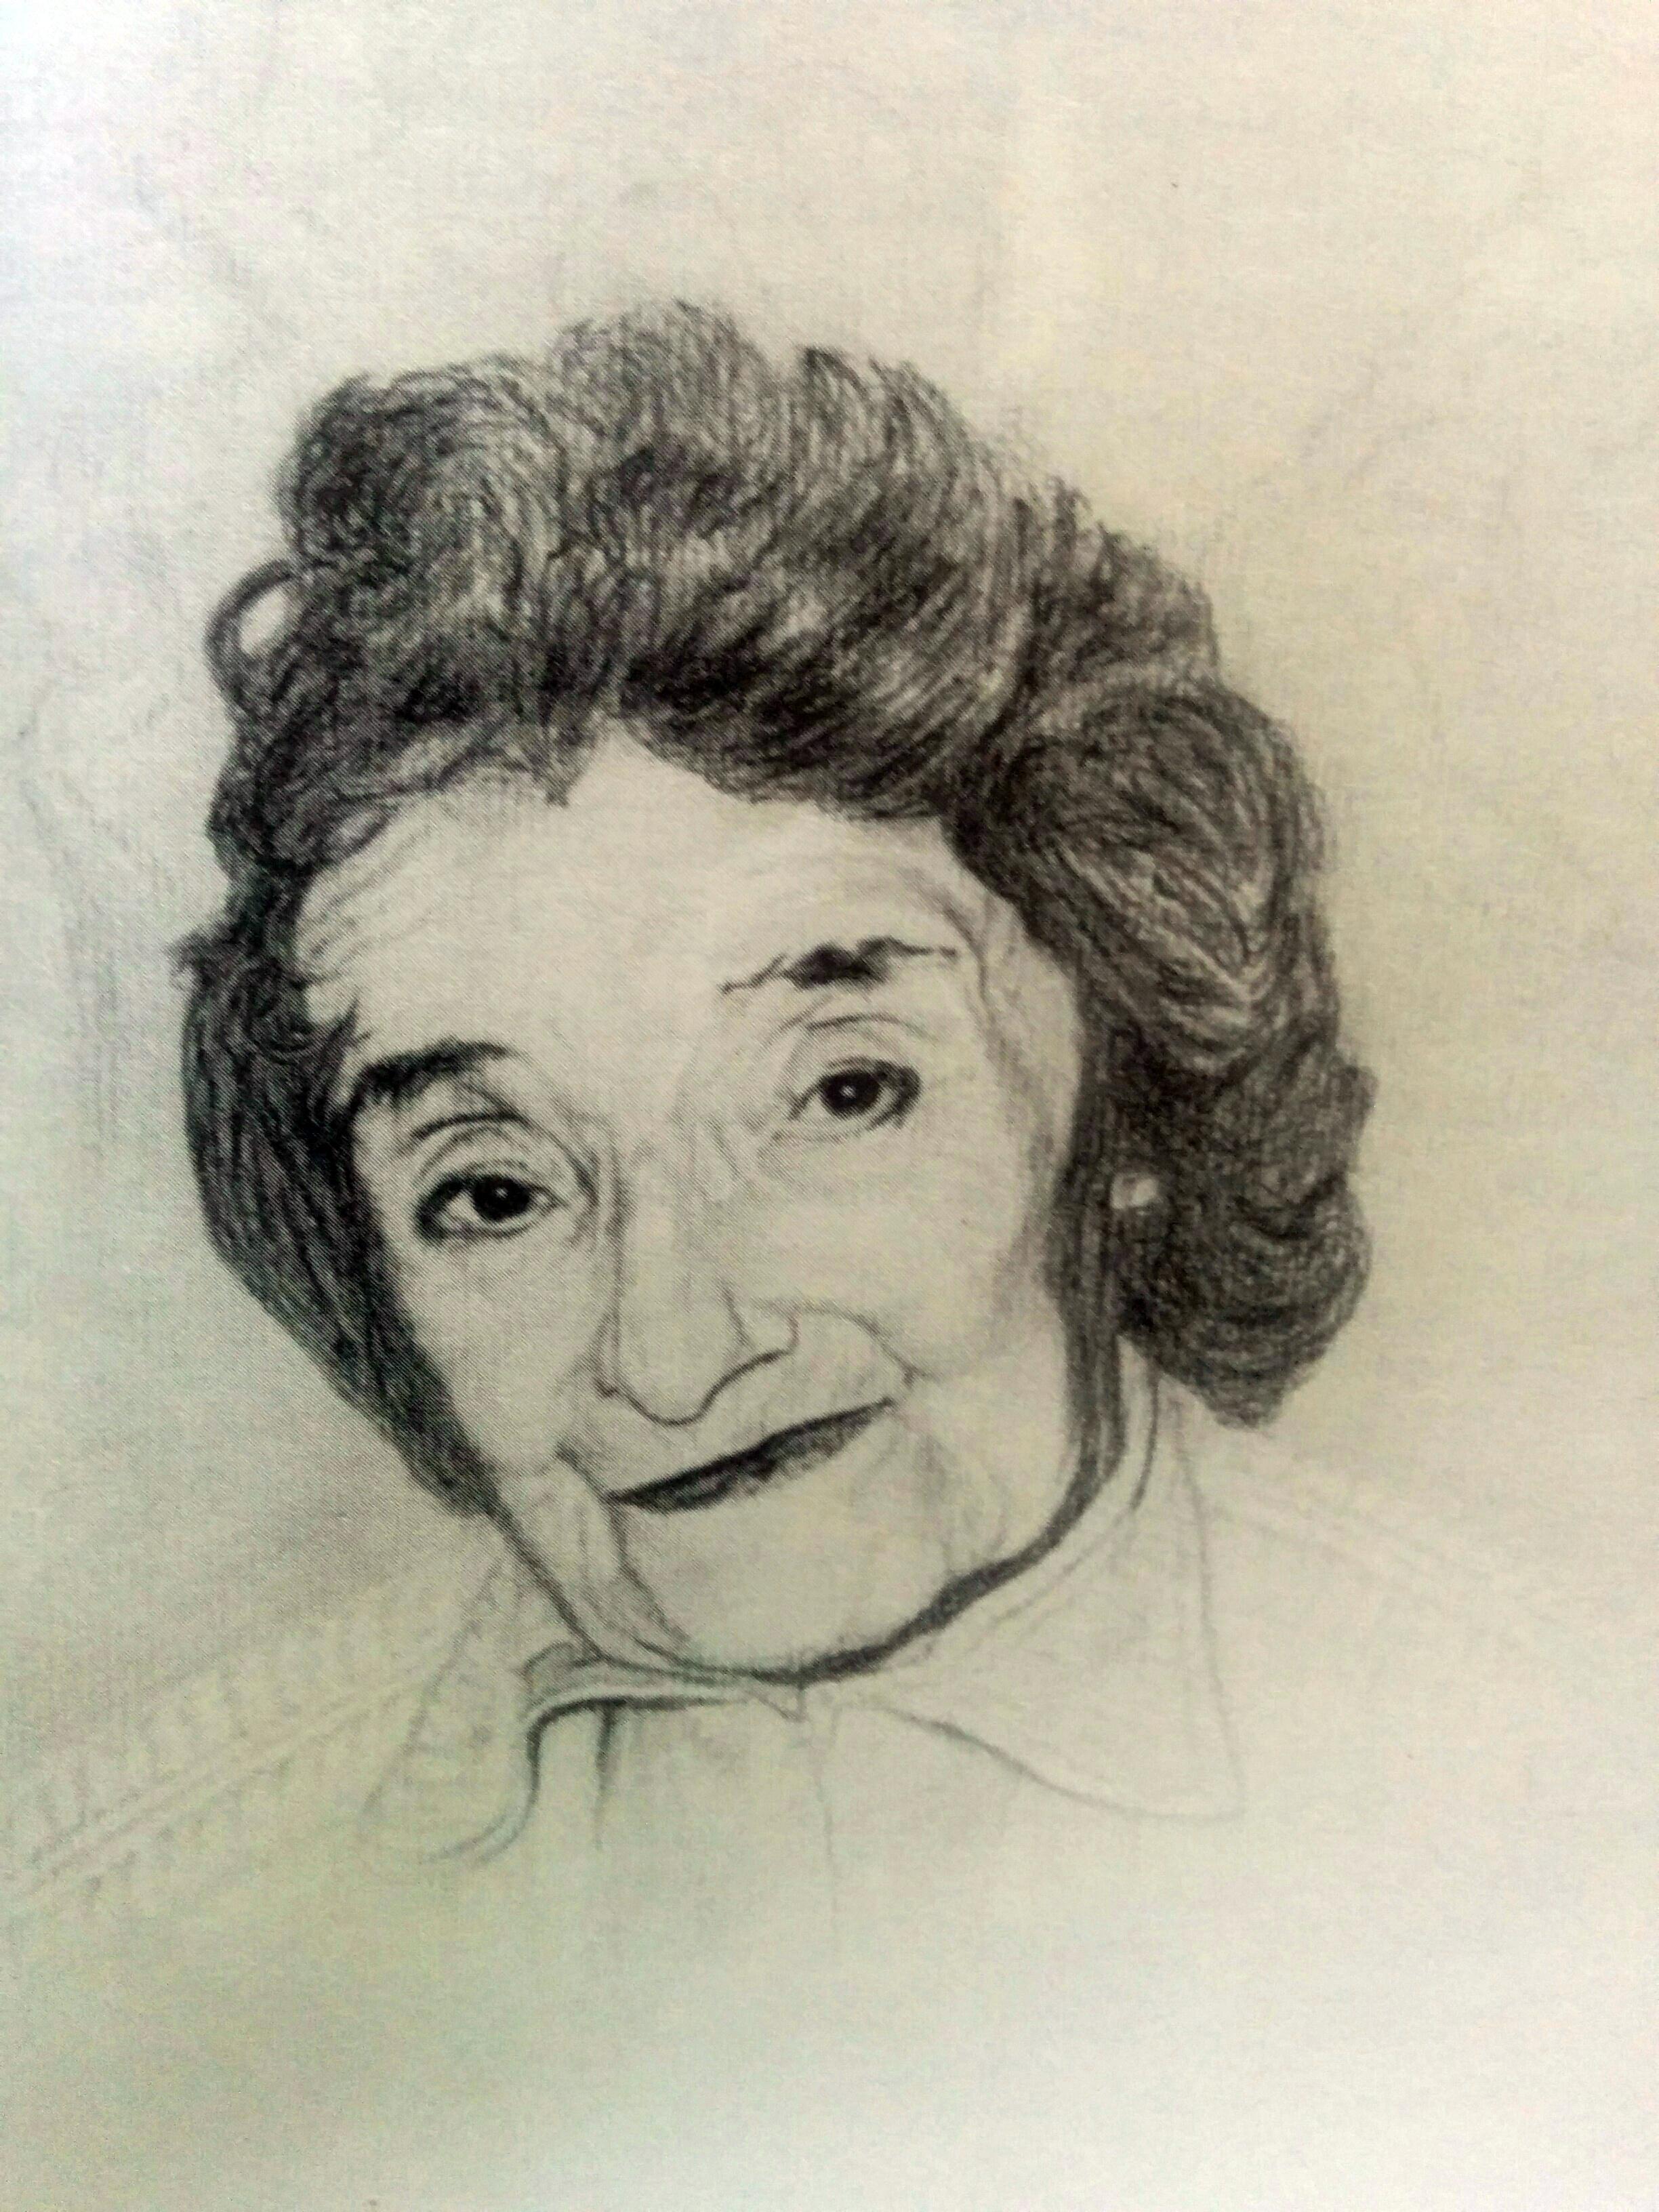 Retrato a lápiz, de la Profesora, Leontina Poch Grondona, realizado por el eminente médico cirujano y artista plástico local, Dr. Daniel Emilio Pastorino (1926-2005)